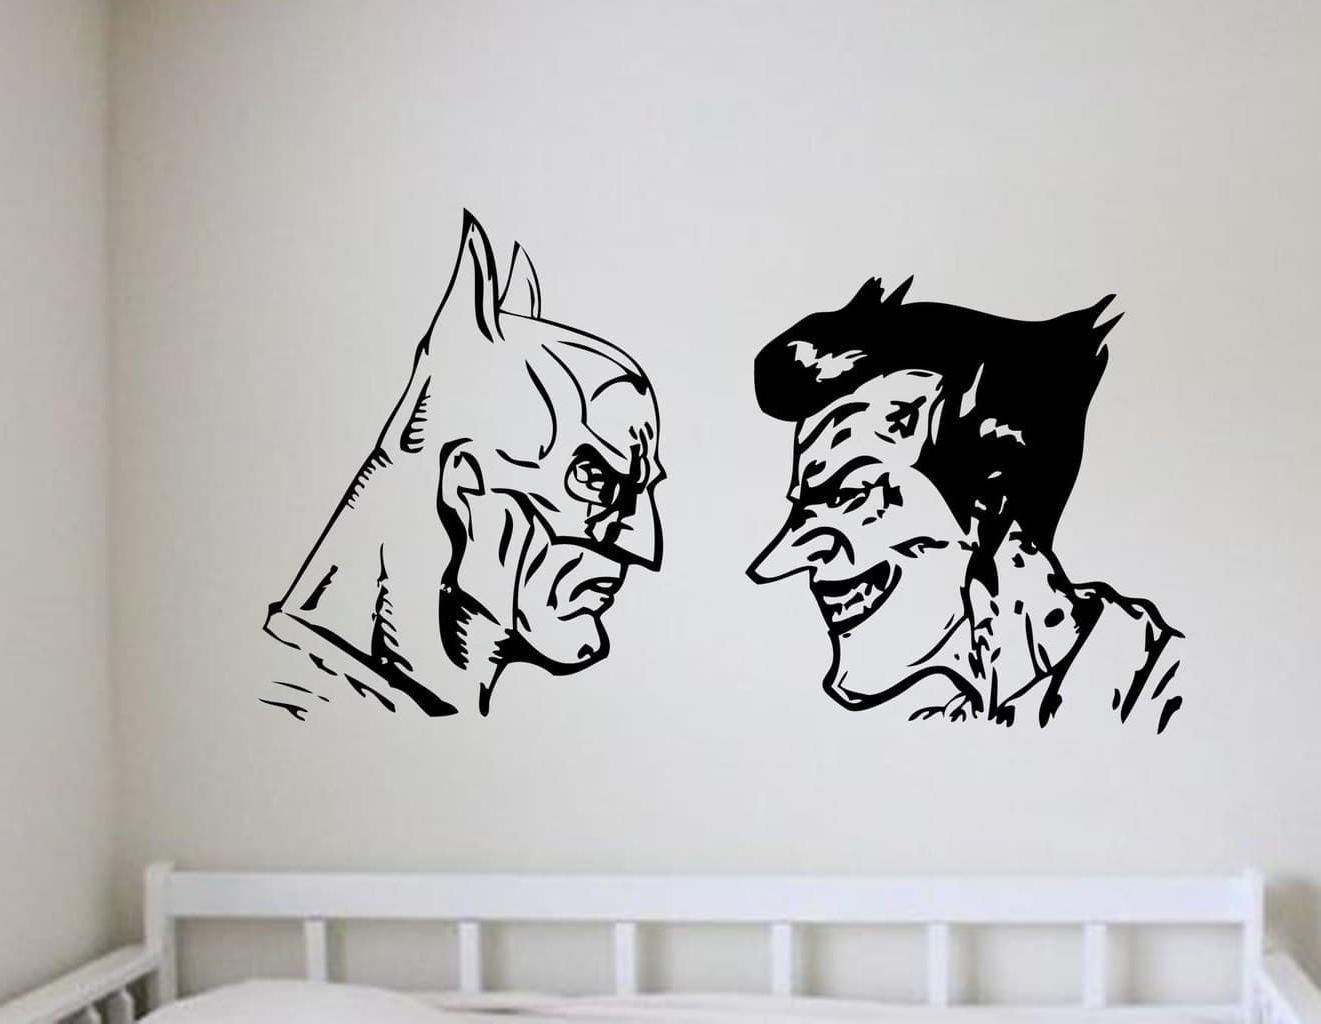 Most Current Joker Wall Art Pertaining To Batman And Joker Wall Art Decal (View 2 of 20)